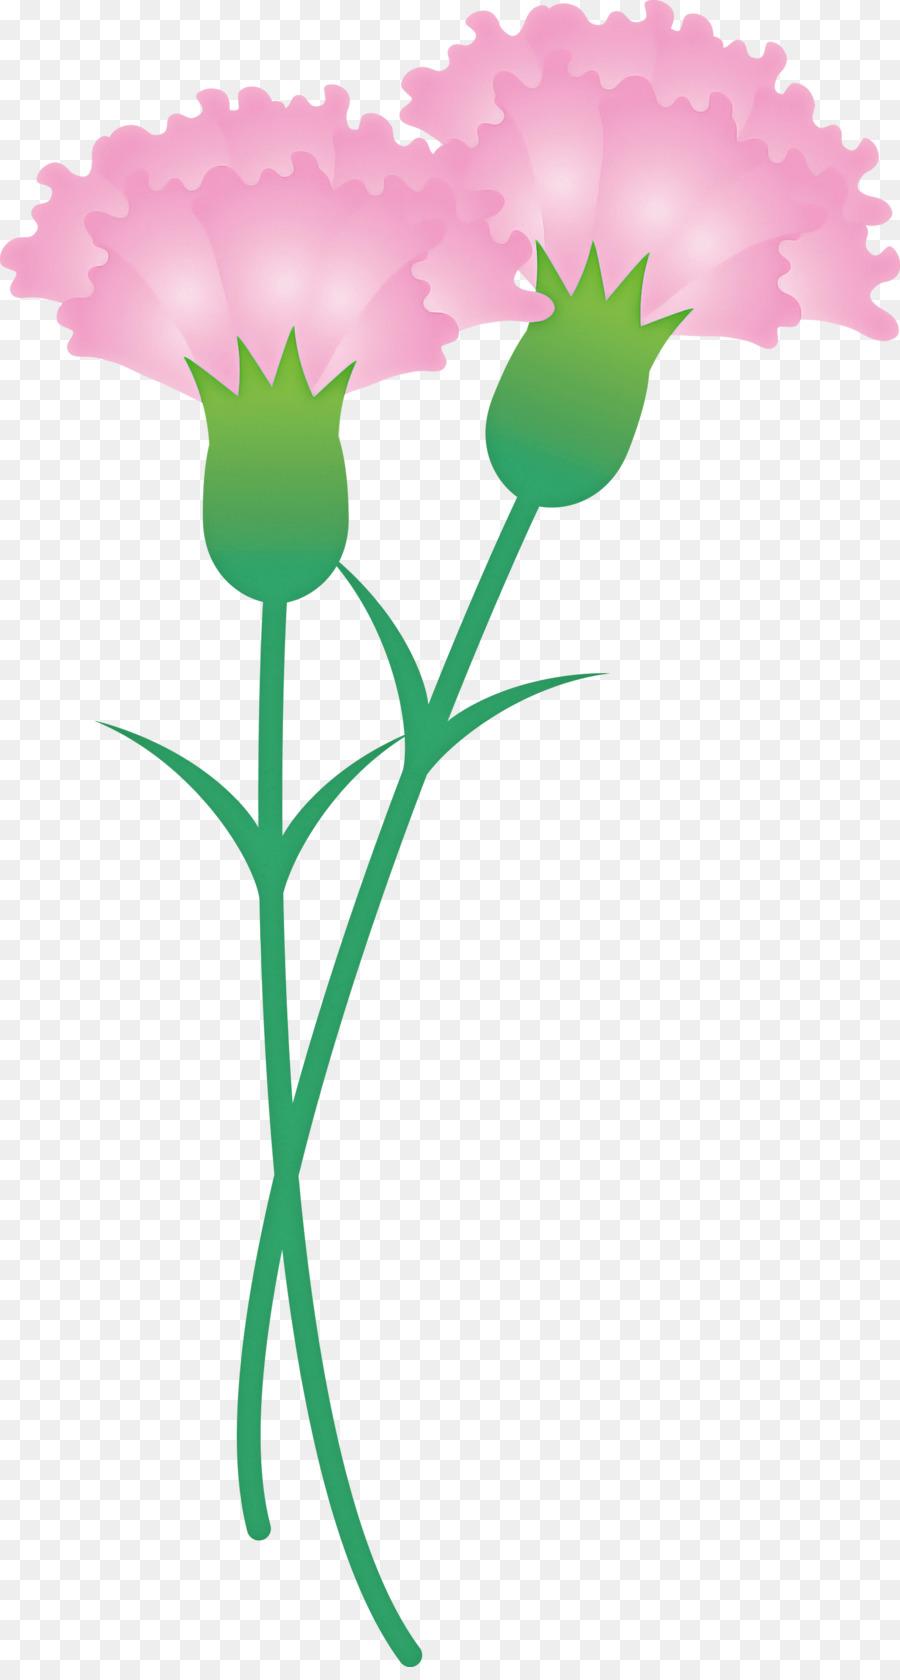 Descarga gratuita de Flor, Planta, Pedicelo imágenes PNG